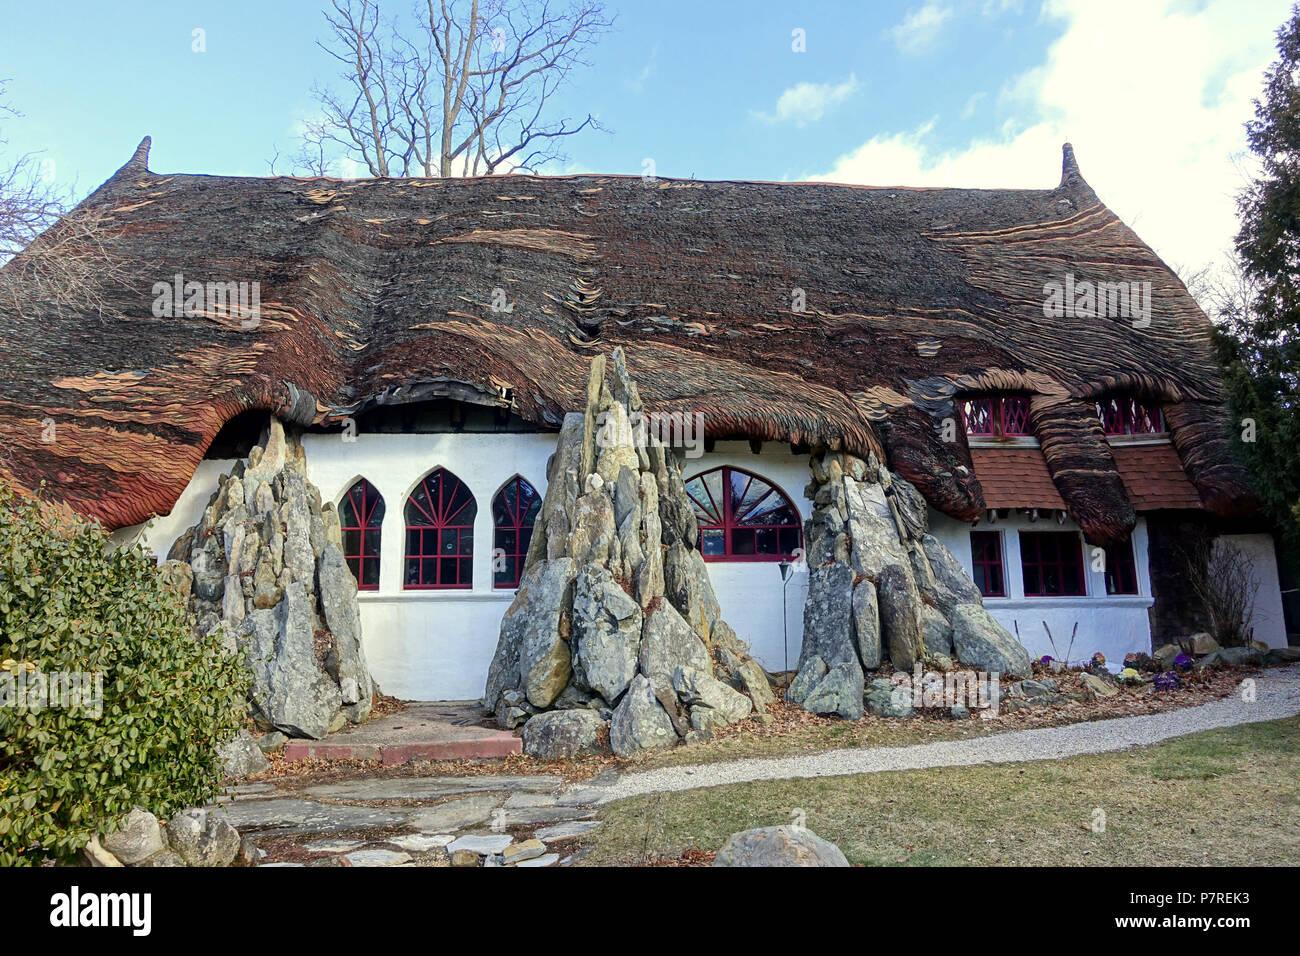 Anglais: Santarella - Tyringham, Massachusetts. Créé par le sculpteur Henry Hudson Kitson (1863-1947) comme sa maison et studio. 15 janvier 2017, 11:59:12 340 - Santarella Tyringham, MA - DSC07306 Banque D'Images